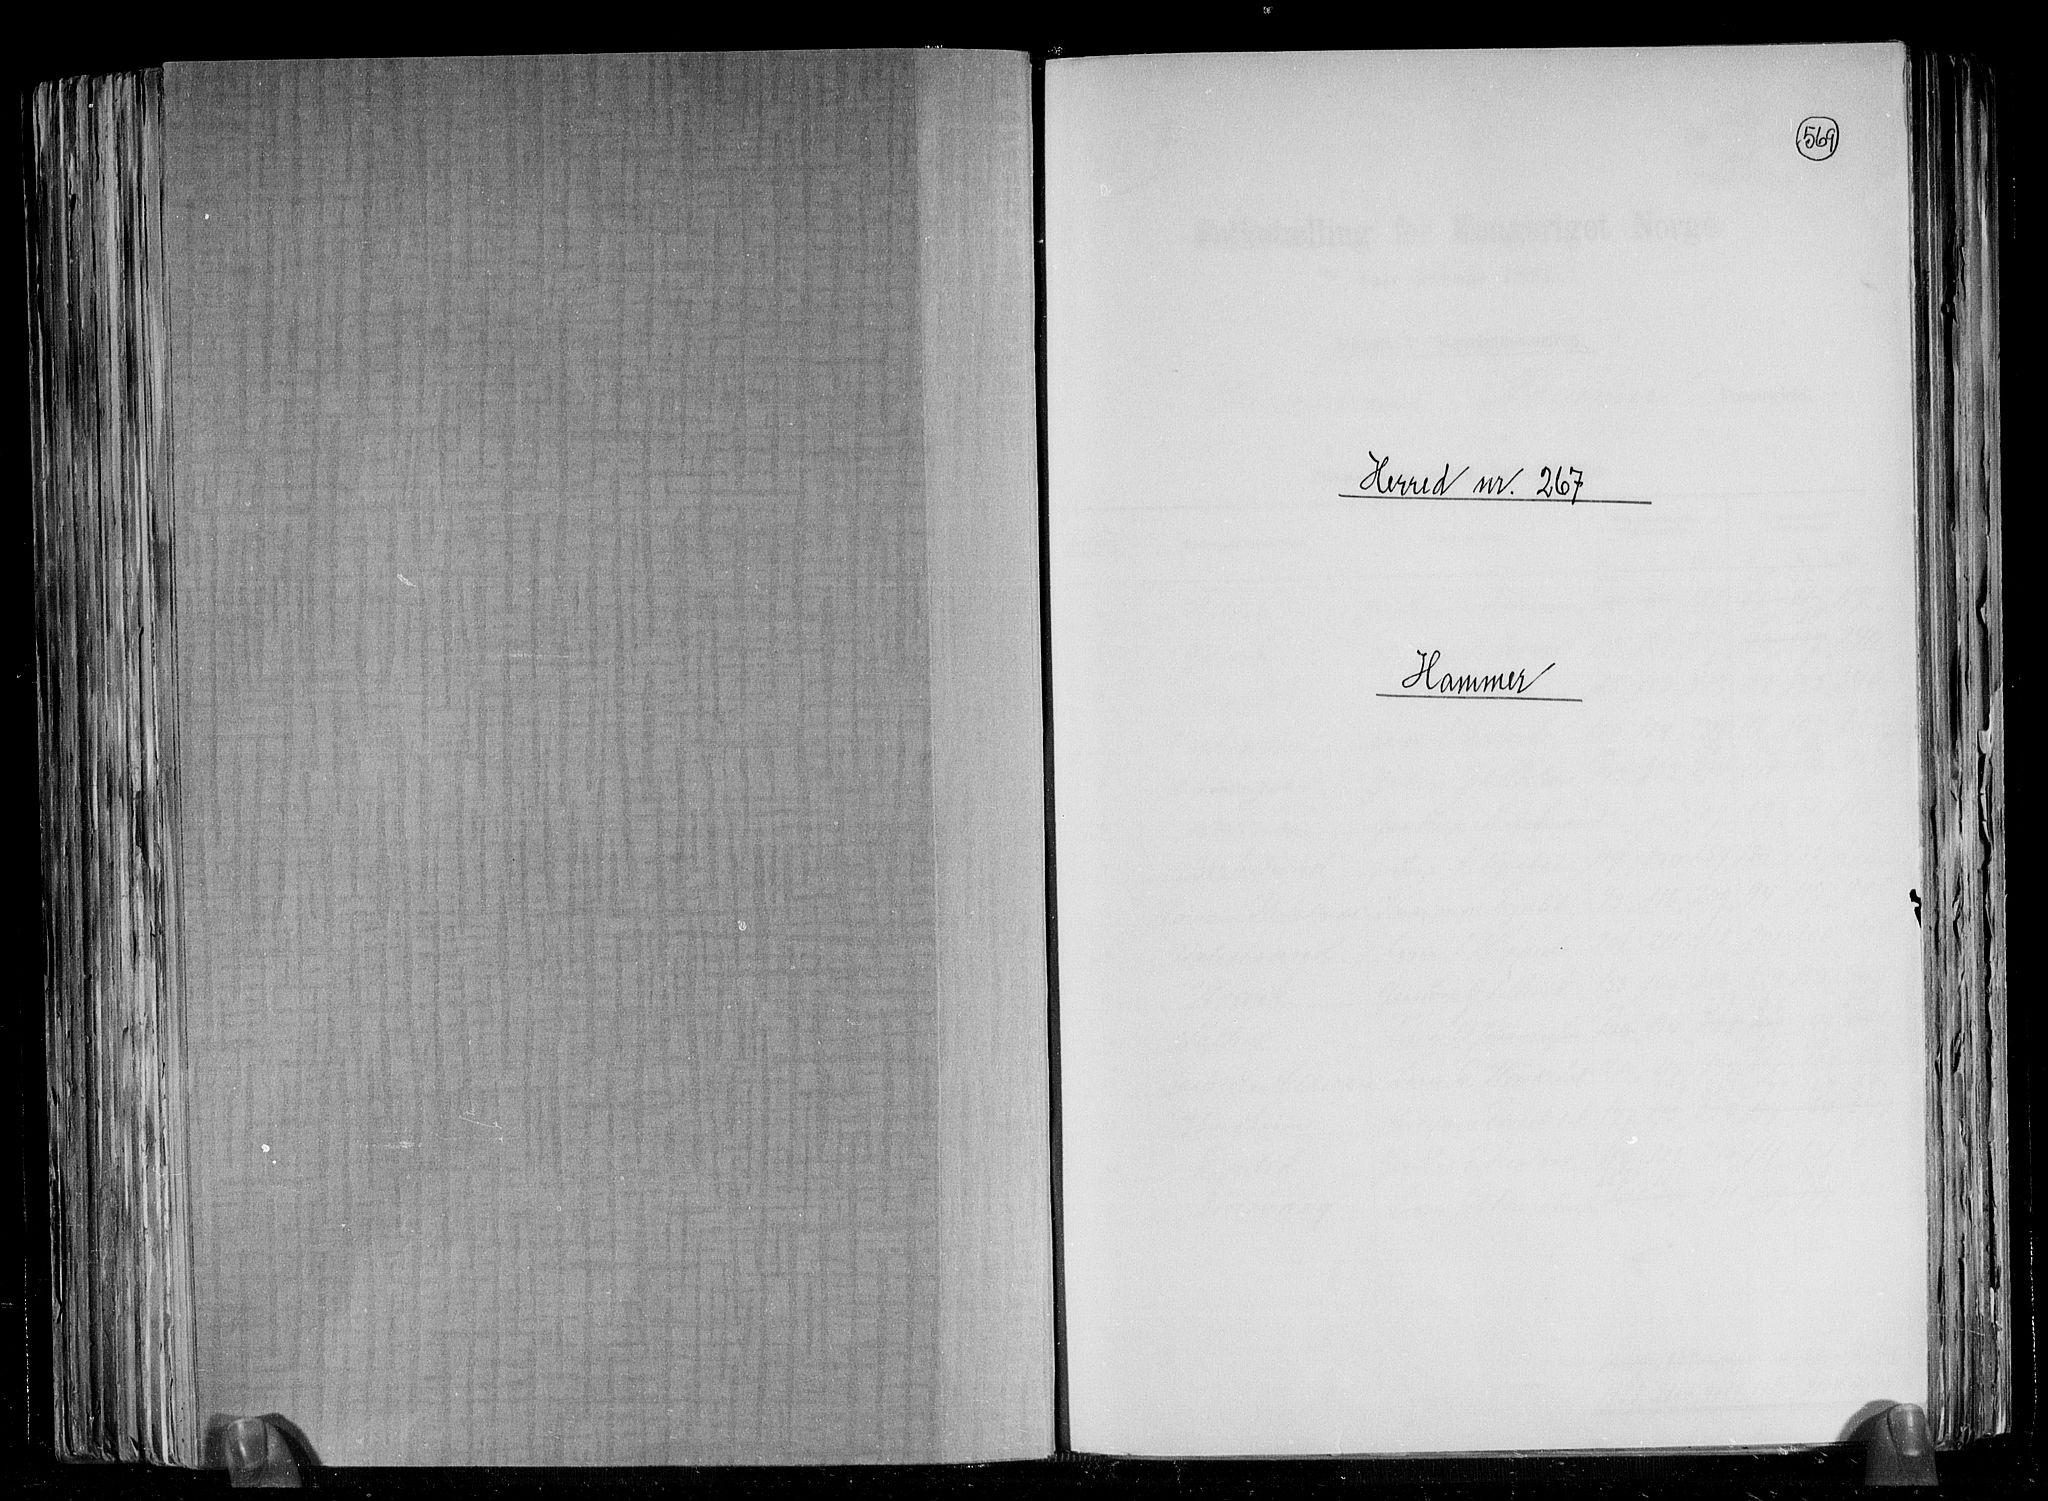 RA, Folketelling 1891 for 1254 Hamre herred, 1891, s. 1